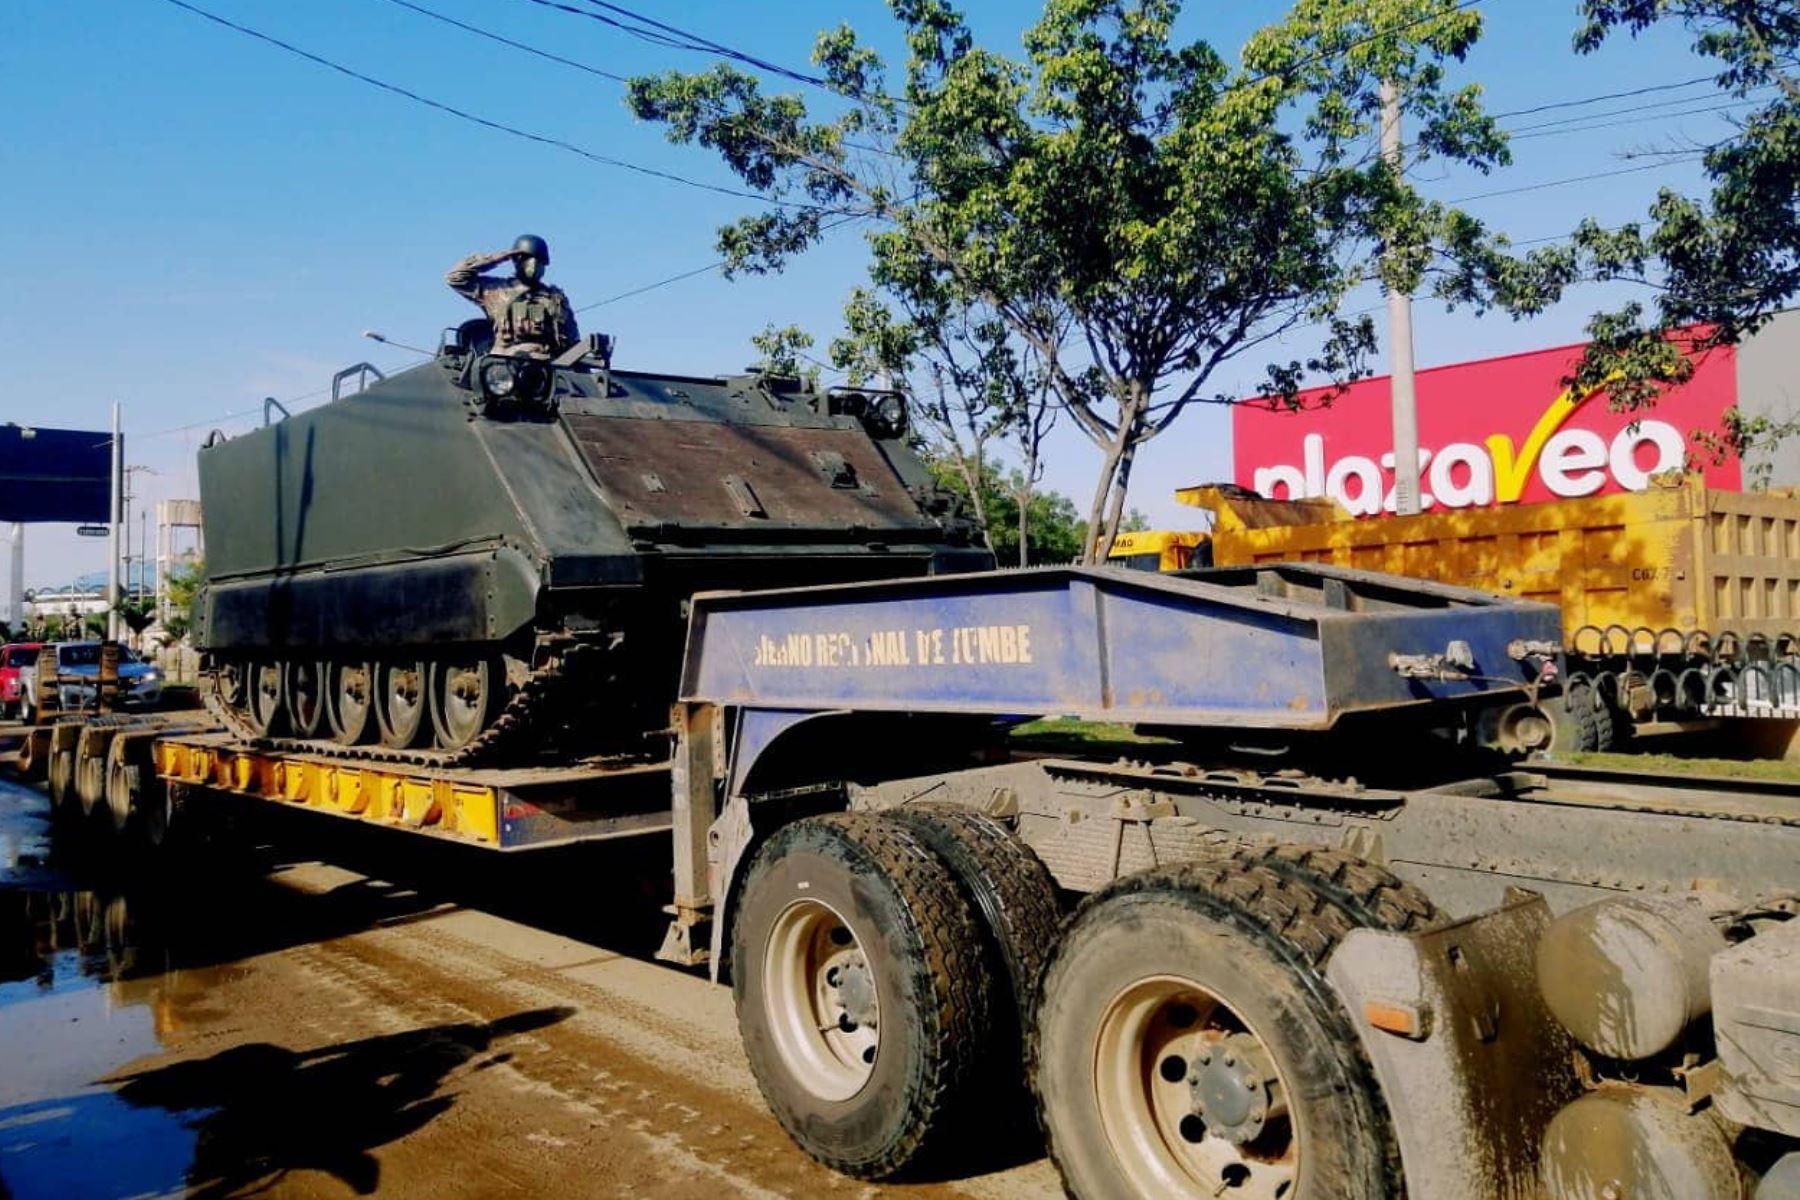 El Ejército del Perú intensifica sus acciones militares en la línea de frontera en apoyo a la Policía Nacional. Foto: @CCFFAA_PERU